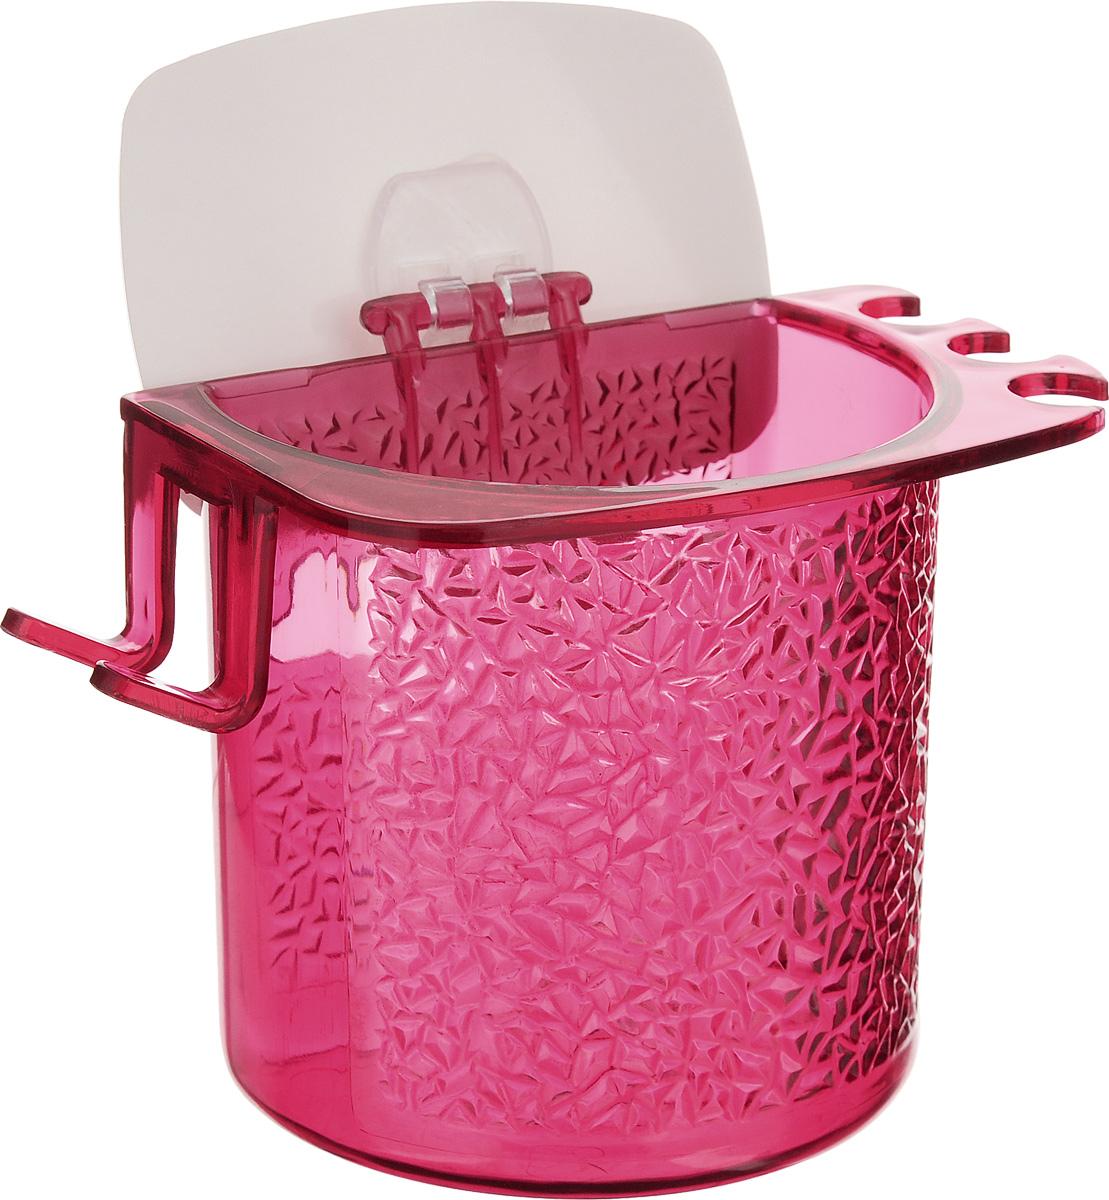 Стакан для ванной Fresh Code, на липкой основе, цвет: малиновый64945_малиновыйСтакан для ванной комнаты Fresh Codeвыполнен из ABS пластика. Крепление налипкой основе многократного использованияидеально подходит для гладкой поверхности. Соборотной стороны изделие оснащено двумяотверстиями для удобногоразмещения на стене. В стакане удобно хранить зубные щетки, пасту идругие принадлежности.Аксессуары для ванной комнаты Fresh Codeстильно украсят интерьер и добавят в обычнуюобстановку яркие и модные акценты. Стаканидеально подойдет к любому стилю ваннойкомнаты.